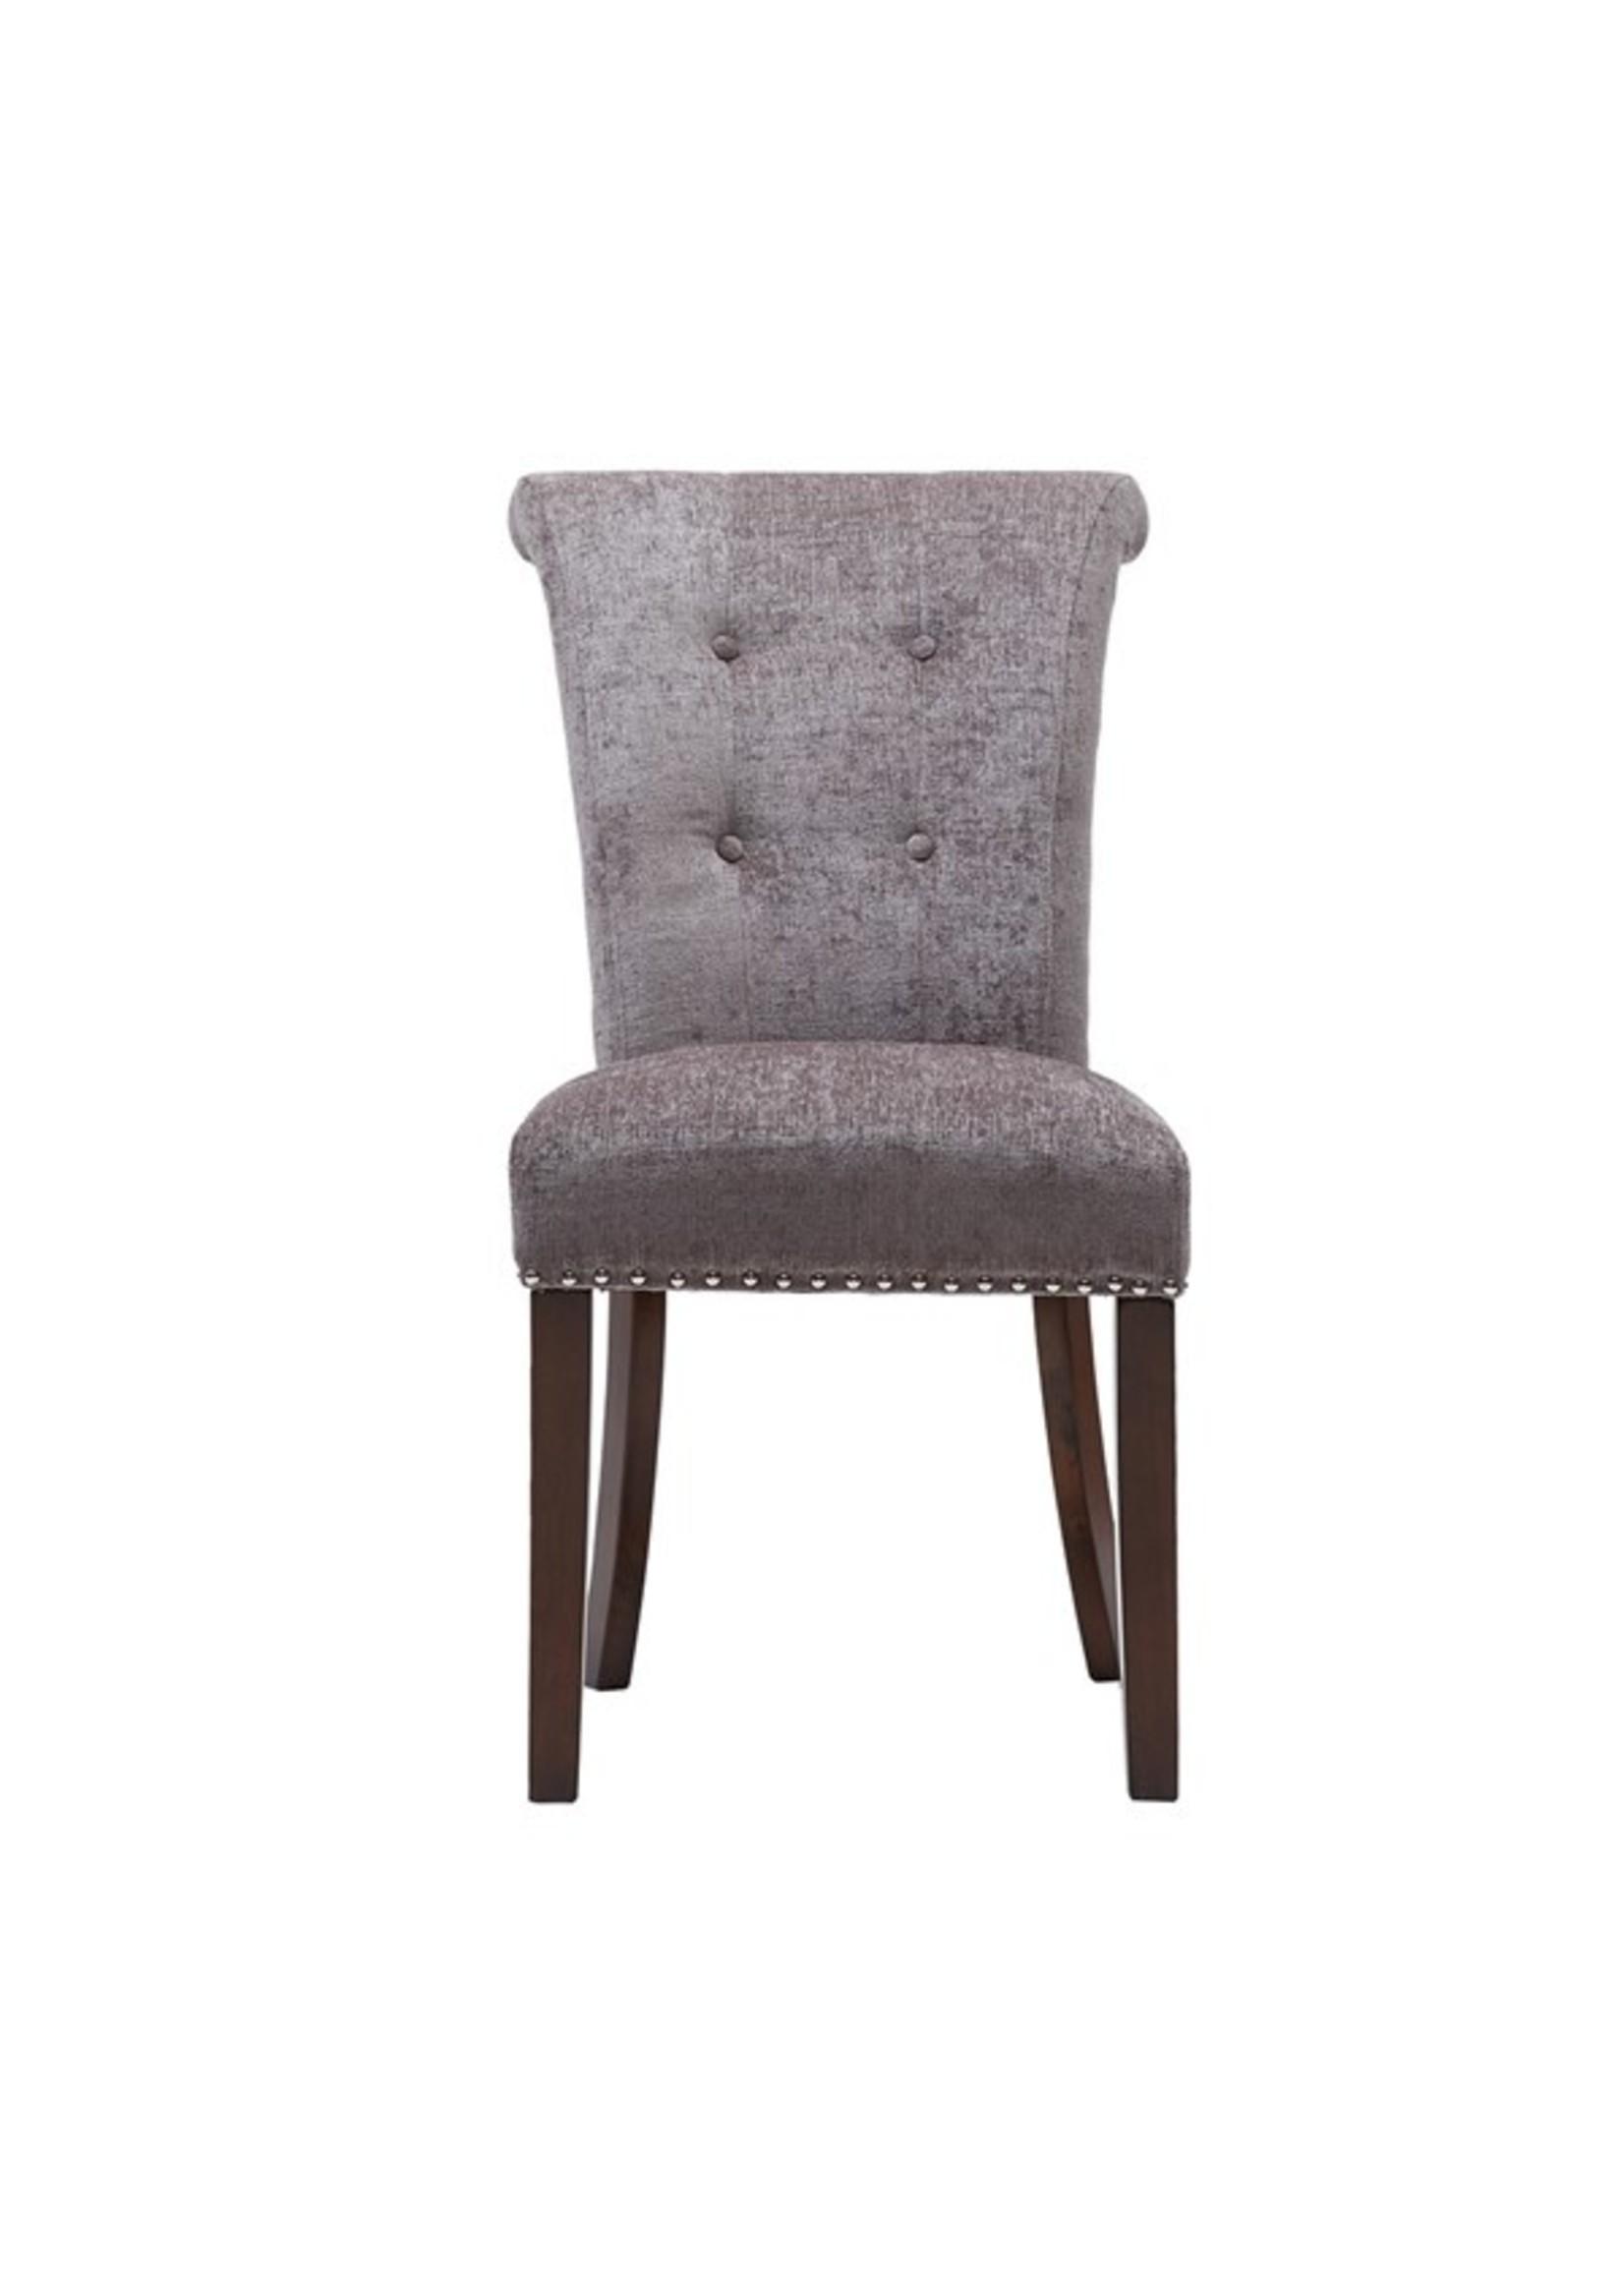 Olliix Colfax Dining Chair Grey